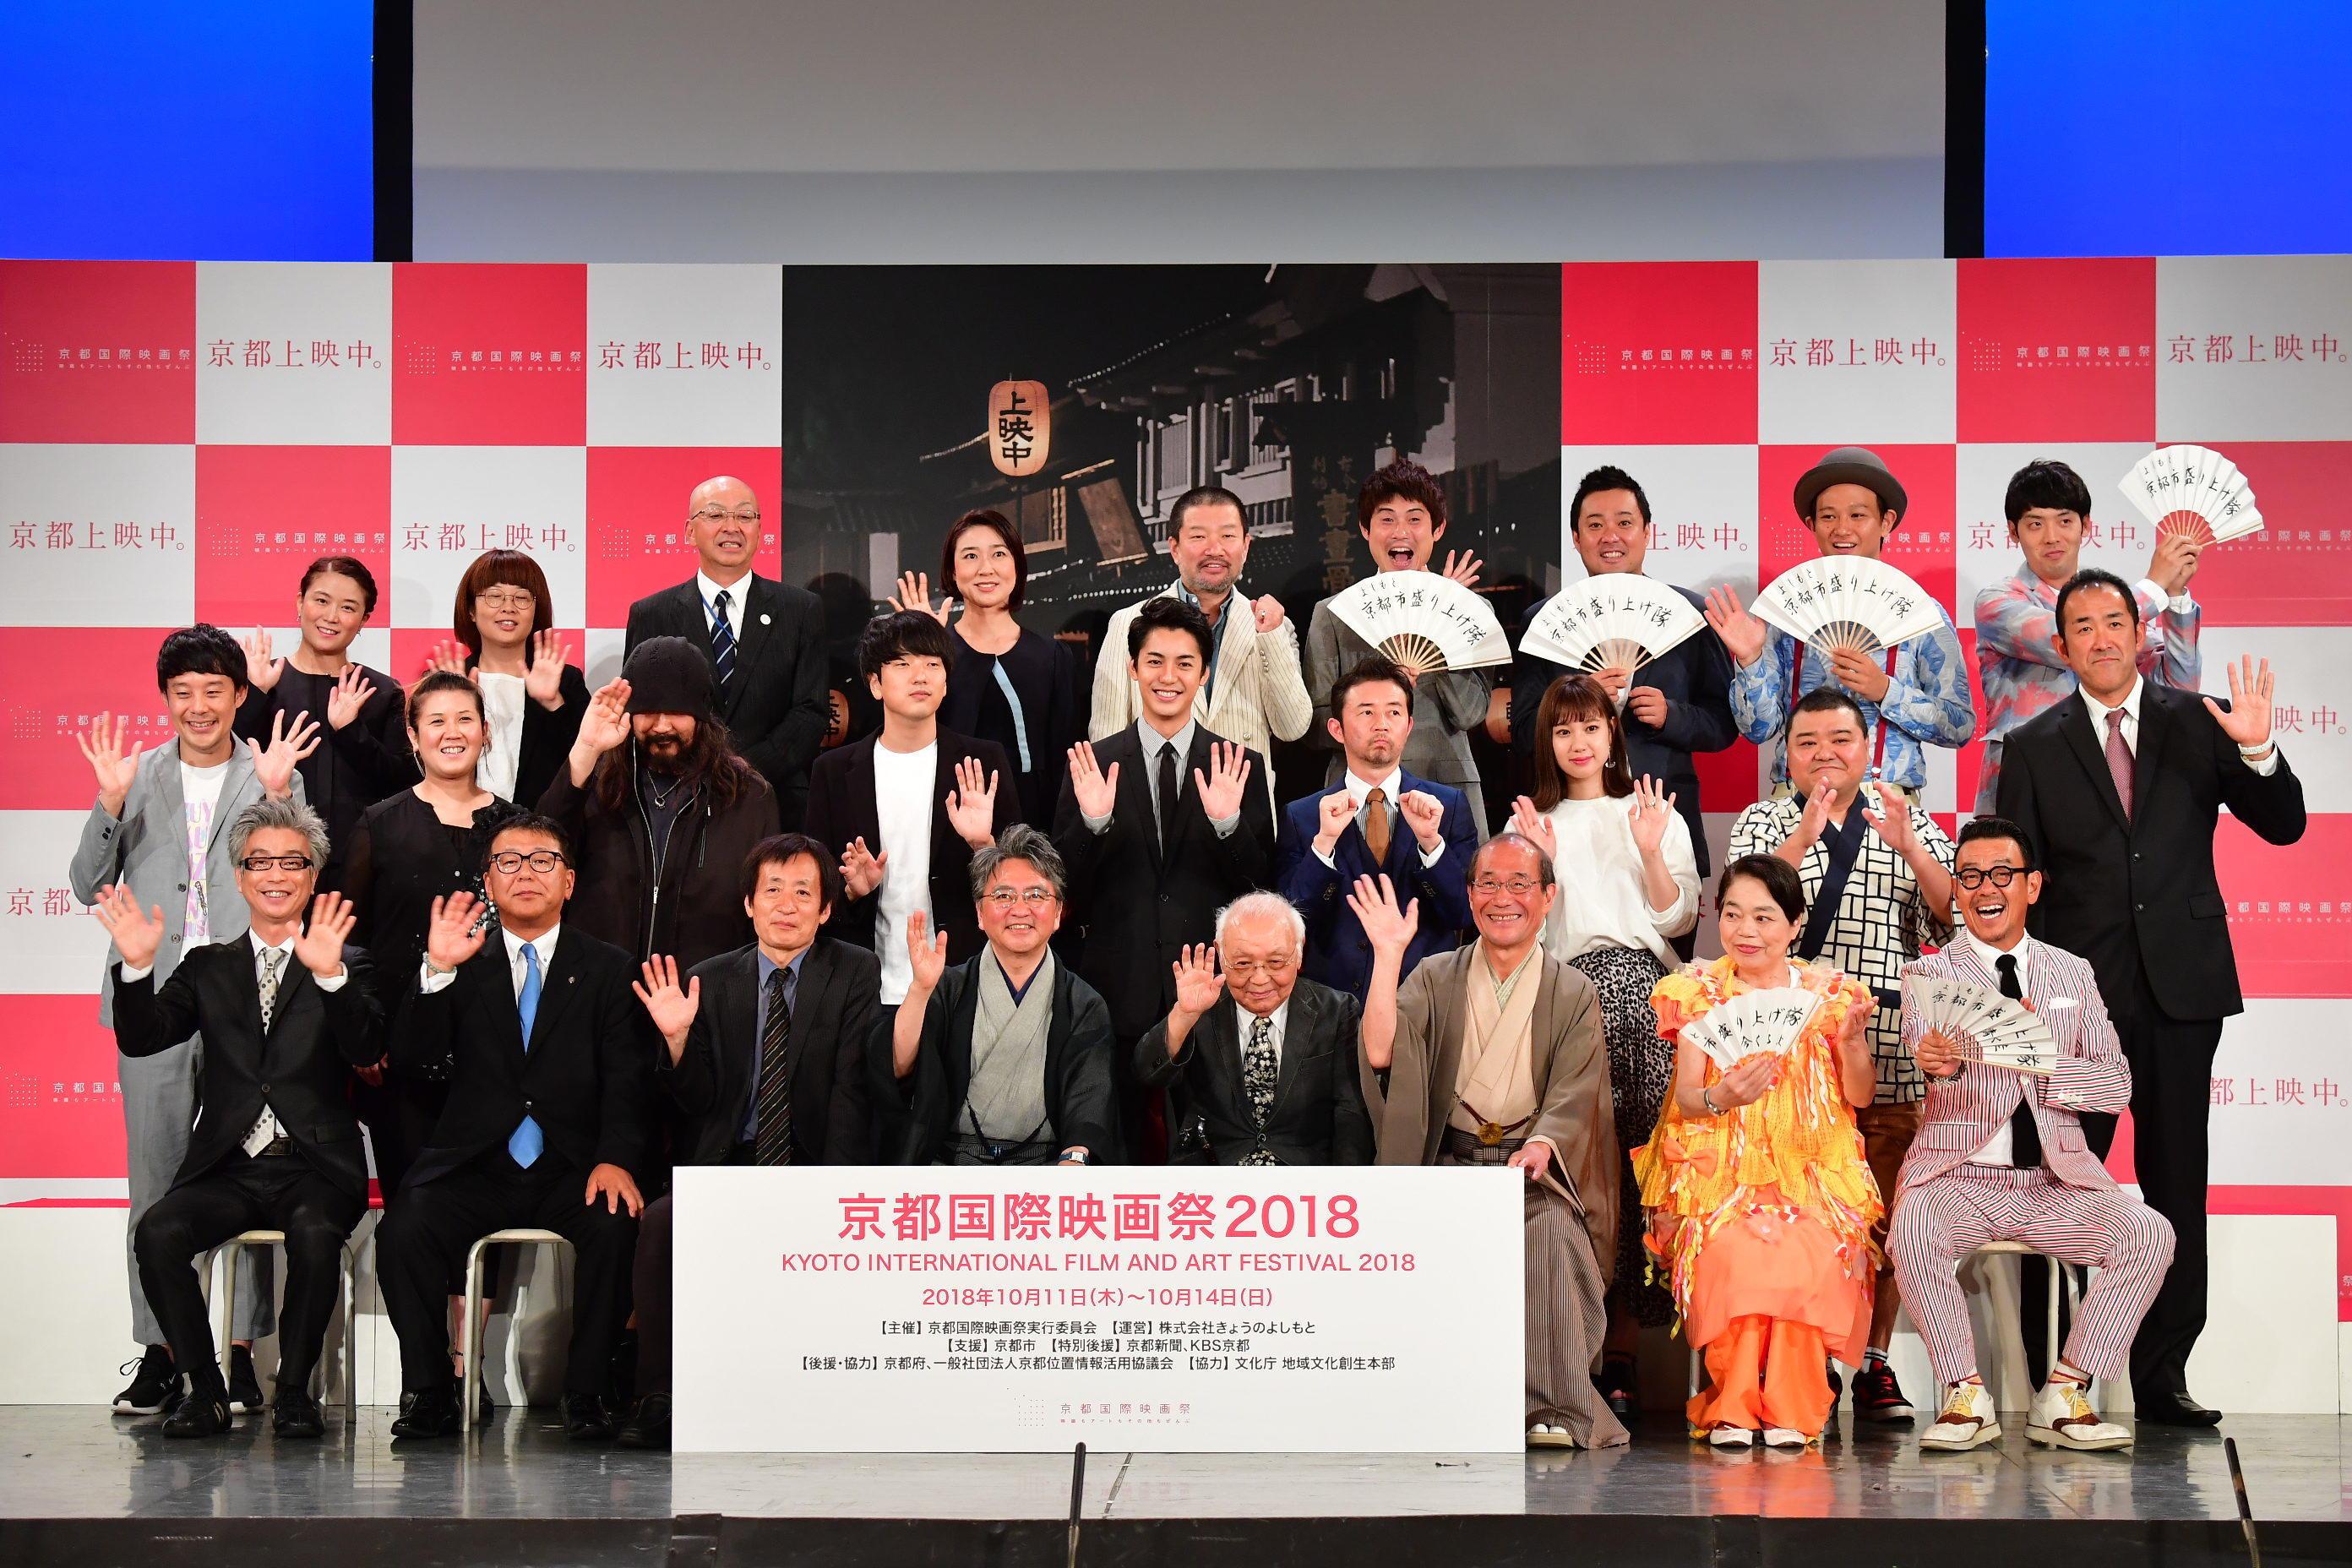 http://news.yoshimoto.co.jp/20180903231714-5cdfa49e151fd3e9c802cd47cb7743624879edc2.jpg